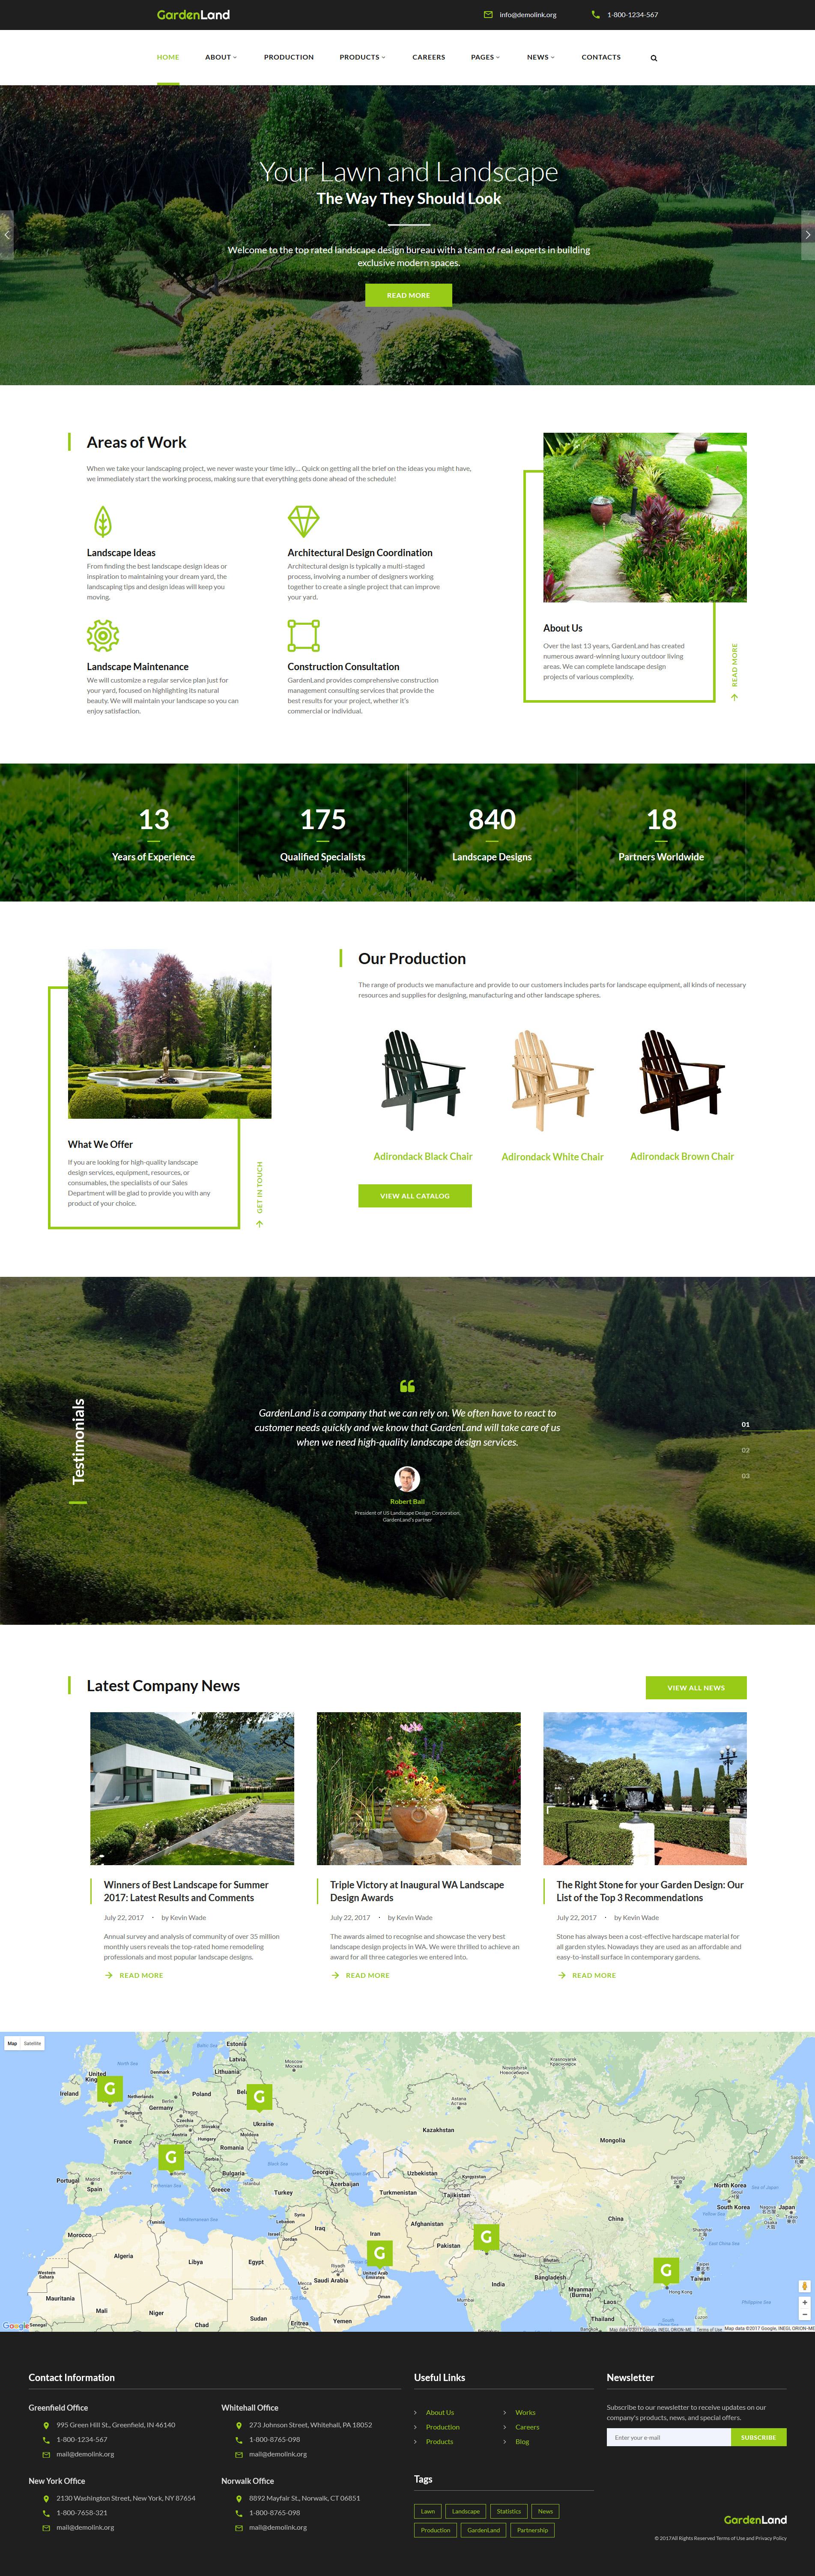 Free Website Template w/ jQuery Slideshow - Design